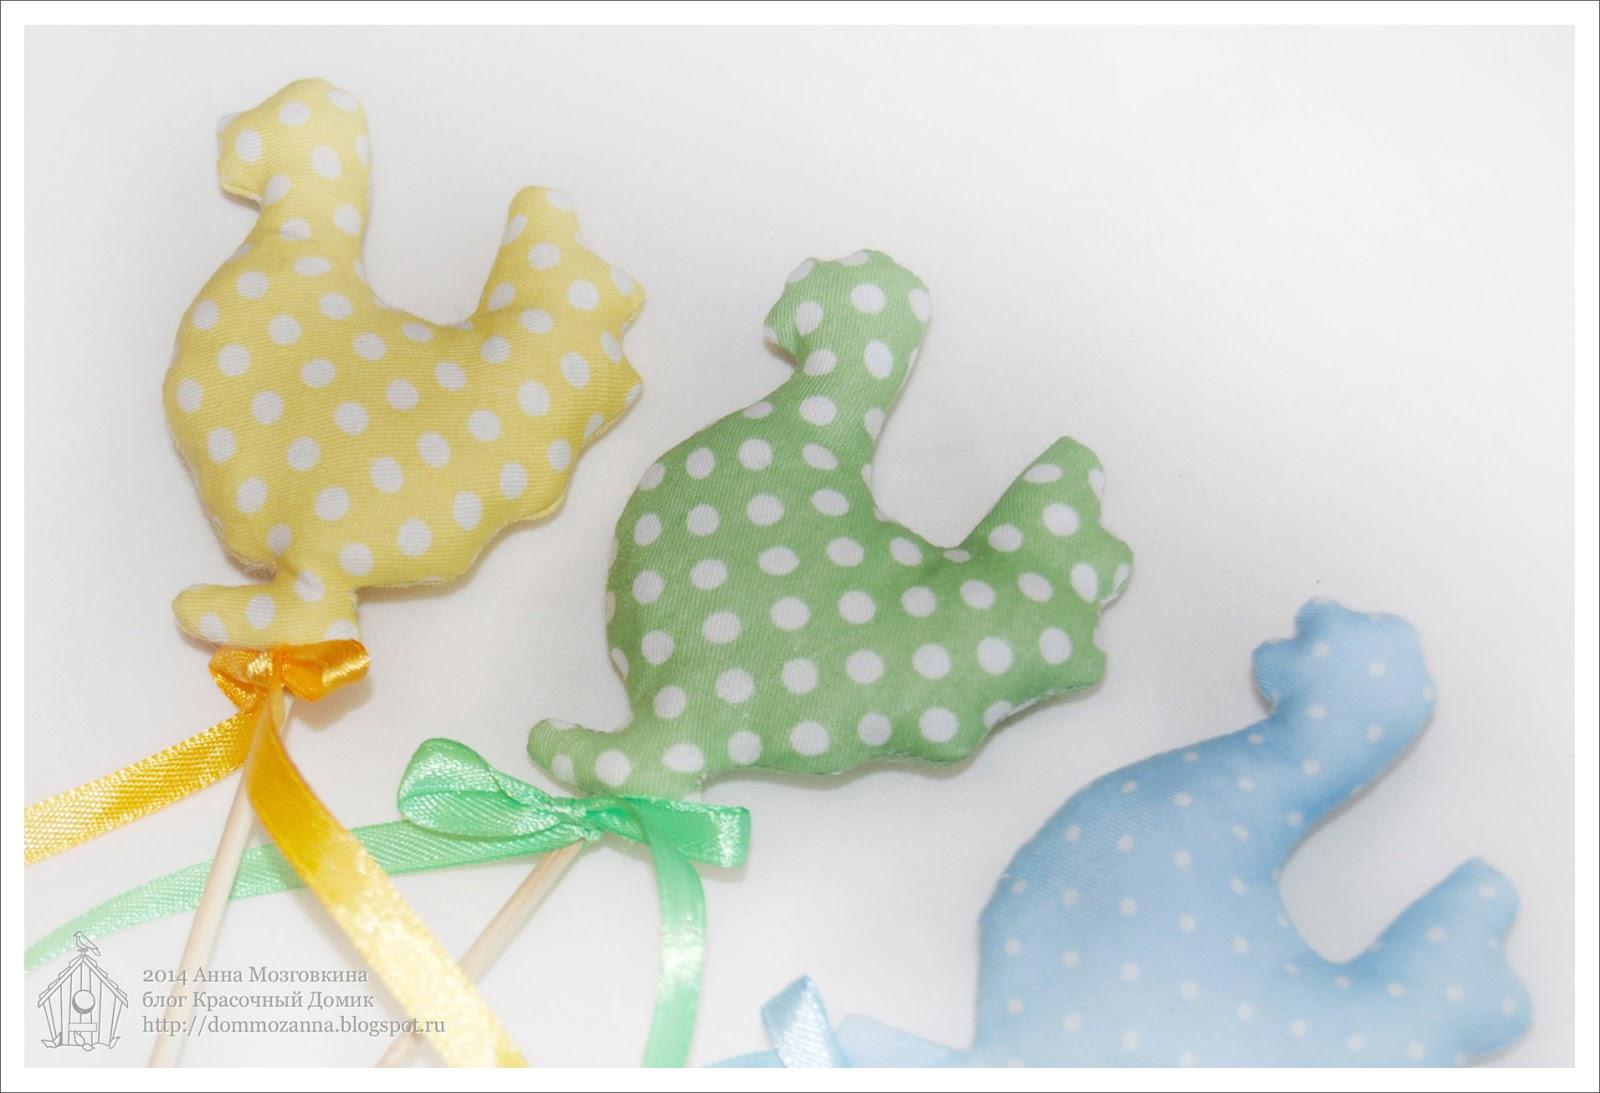 пасхальная игрушка курица текстиль